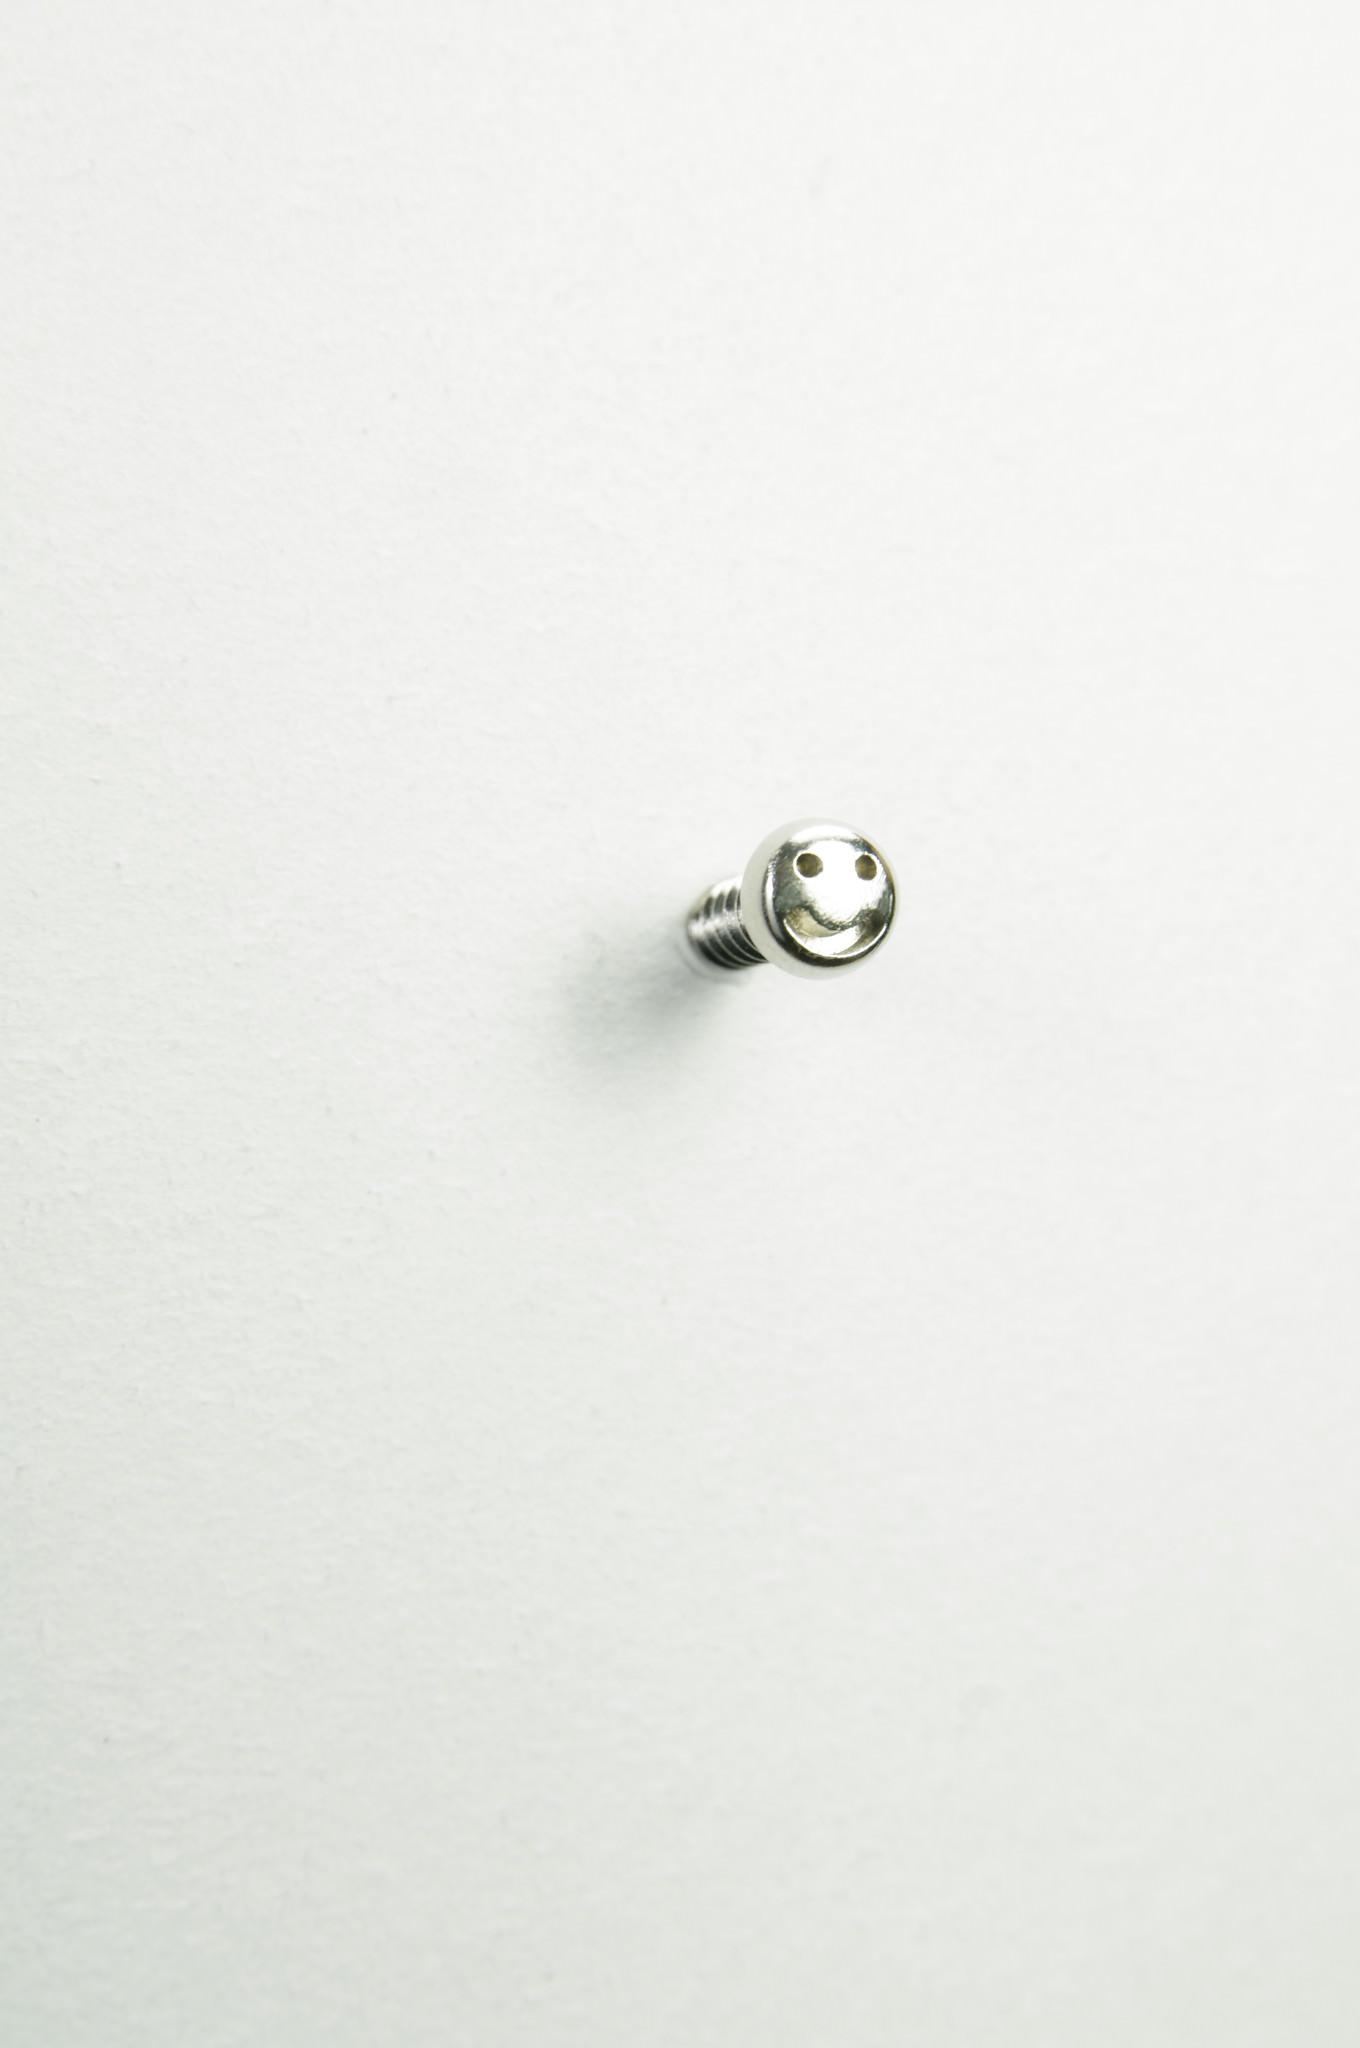 screw_13-1360x2048_mini